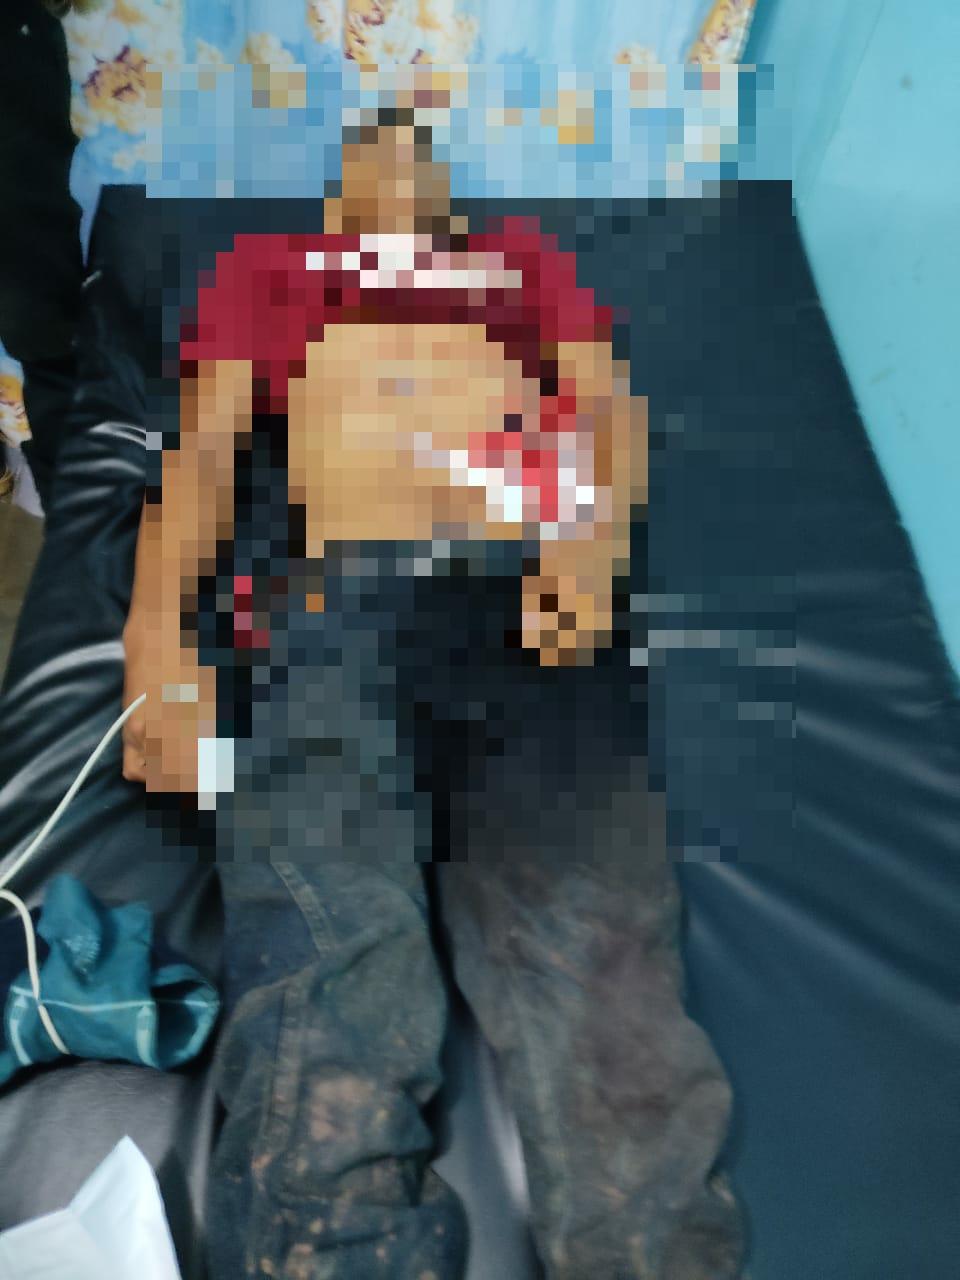 Asesinan de un disparo a ciudadano en Waslala Managua. Por Jerson Dumas/Radio La Primerísima